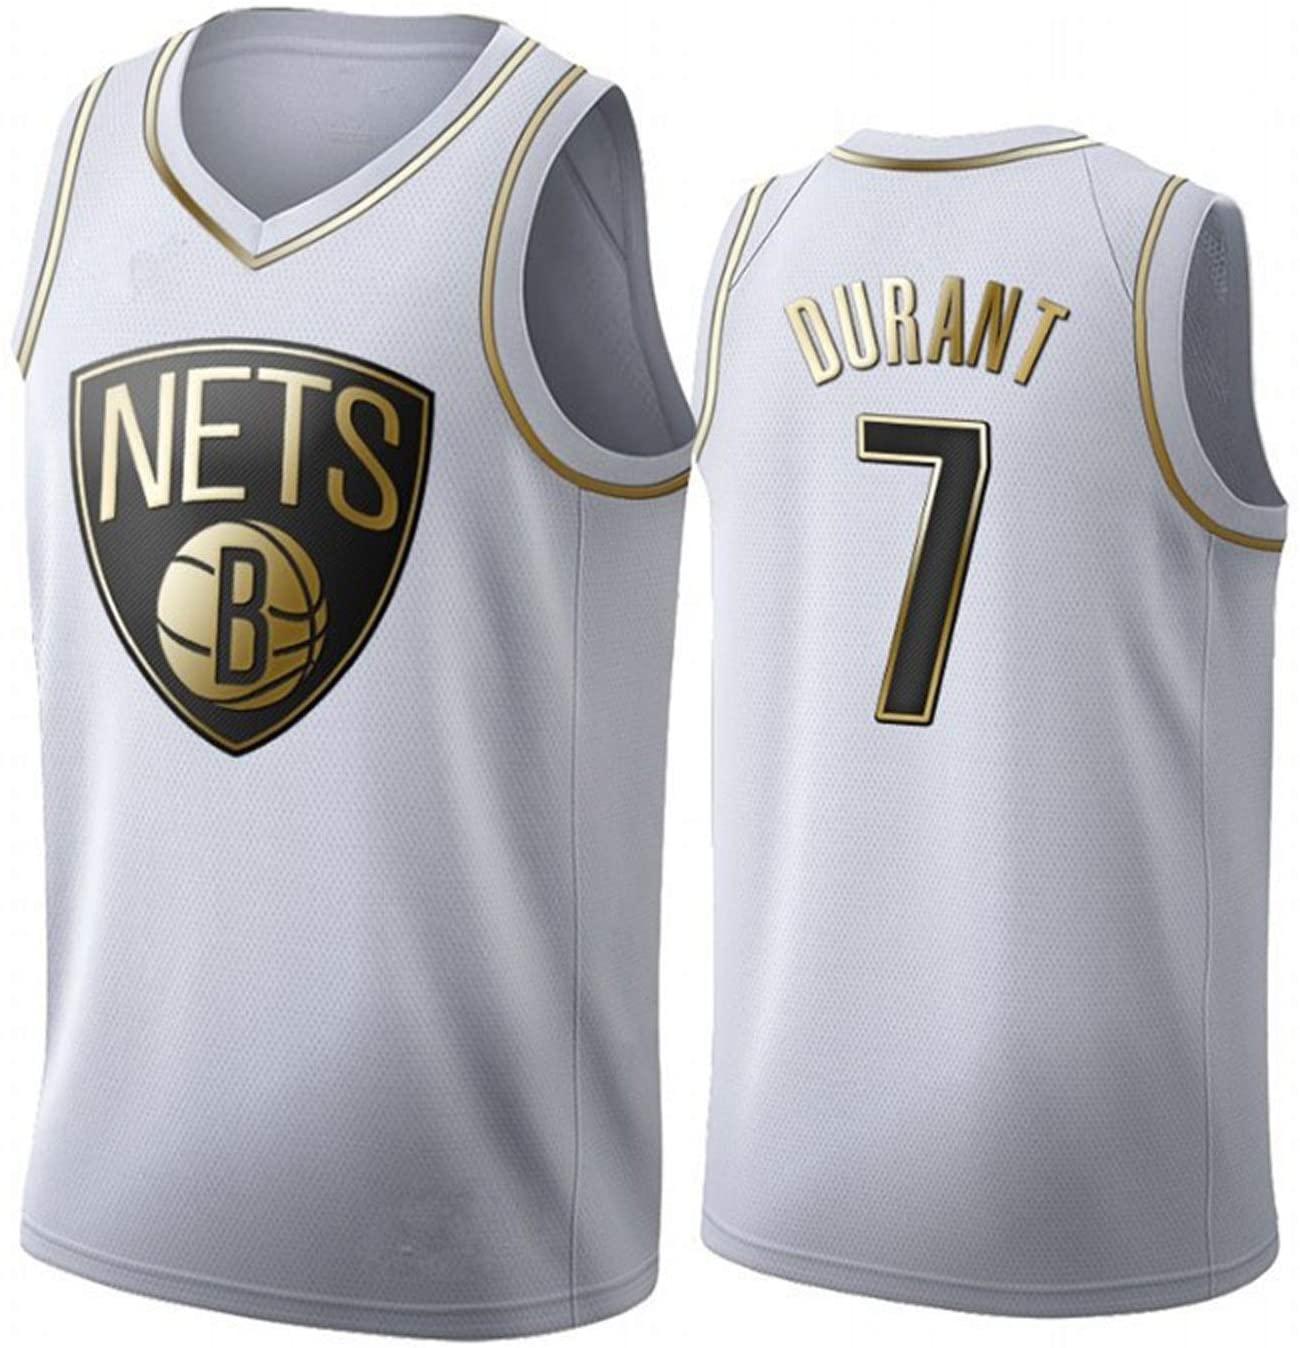 WEIXIA 브루클린 듀란트 7 농구 저지 기념 조끼 편안하고 통기성 농구 저지 화이트4-M에 적합